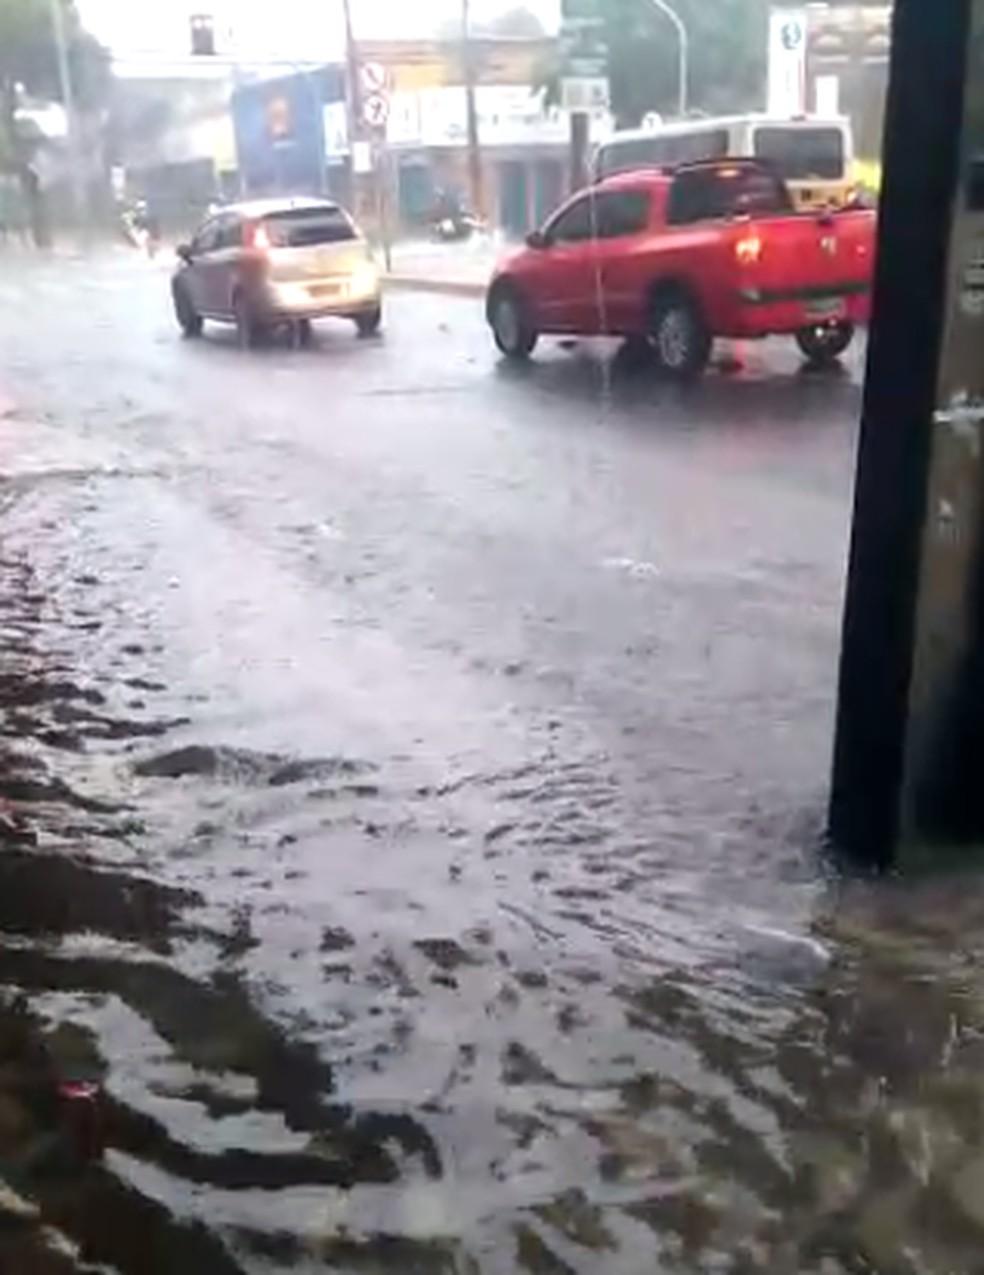 Alagamento entre a Avenida Duque de Caxias com Rua General Sampaio, no Centro de Fortaleza. — Foto: Reprodução/TV Verdes Mares